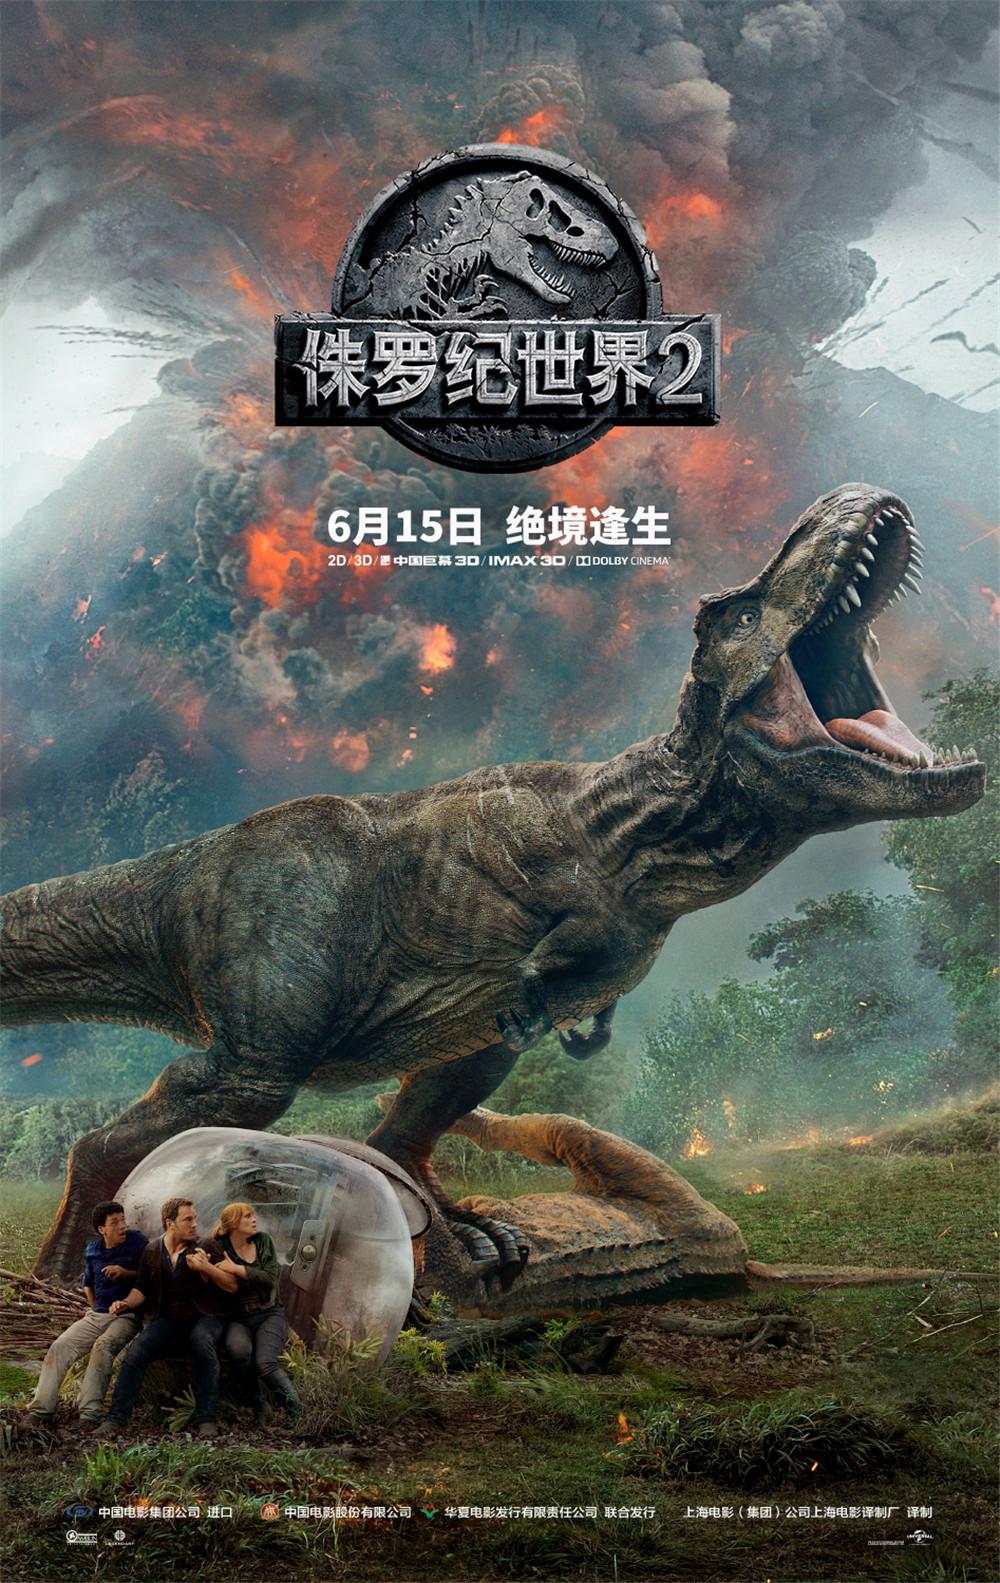 2018动作科幻《侏罗纪世界2:殒落国度》TC中字—资源来源网络 侵删-淘缤果